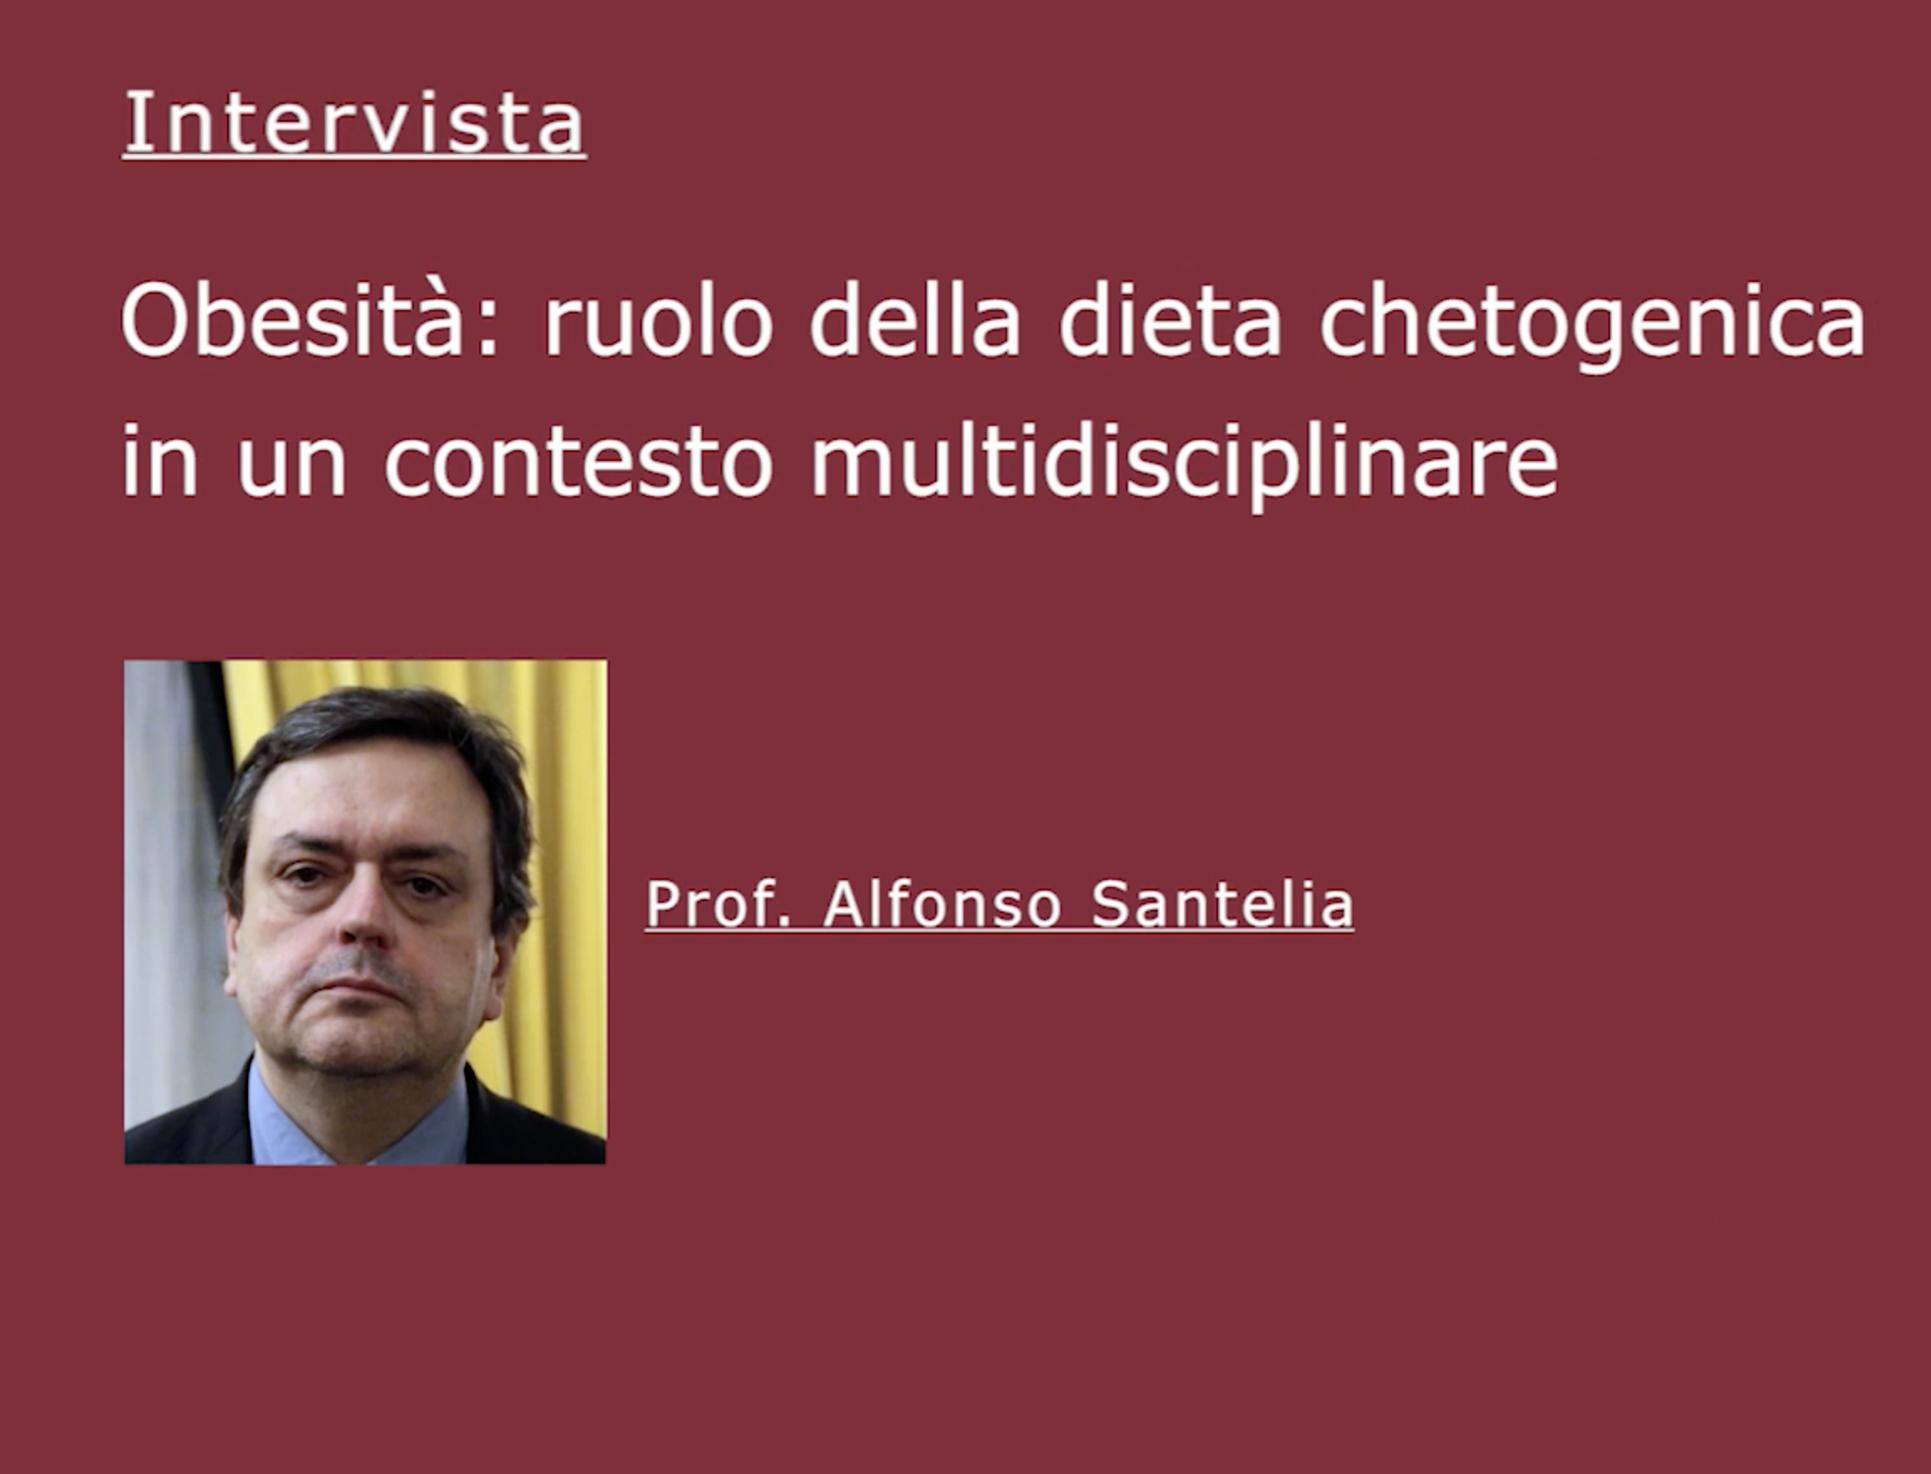 Dott. Alfonso Santelia1